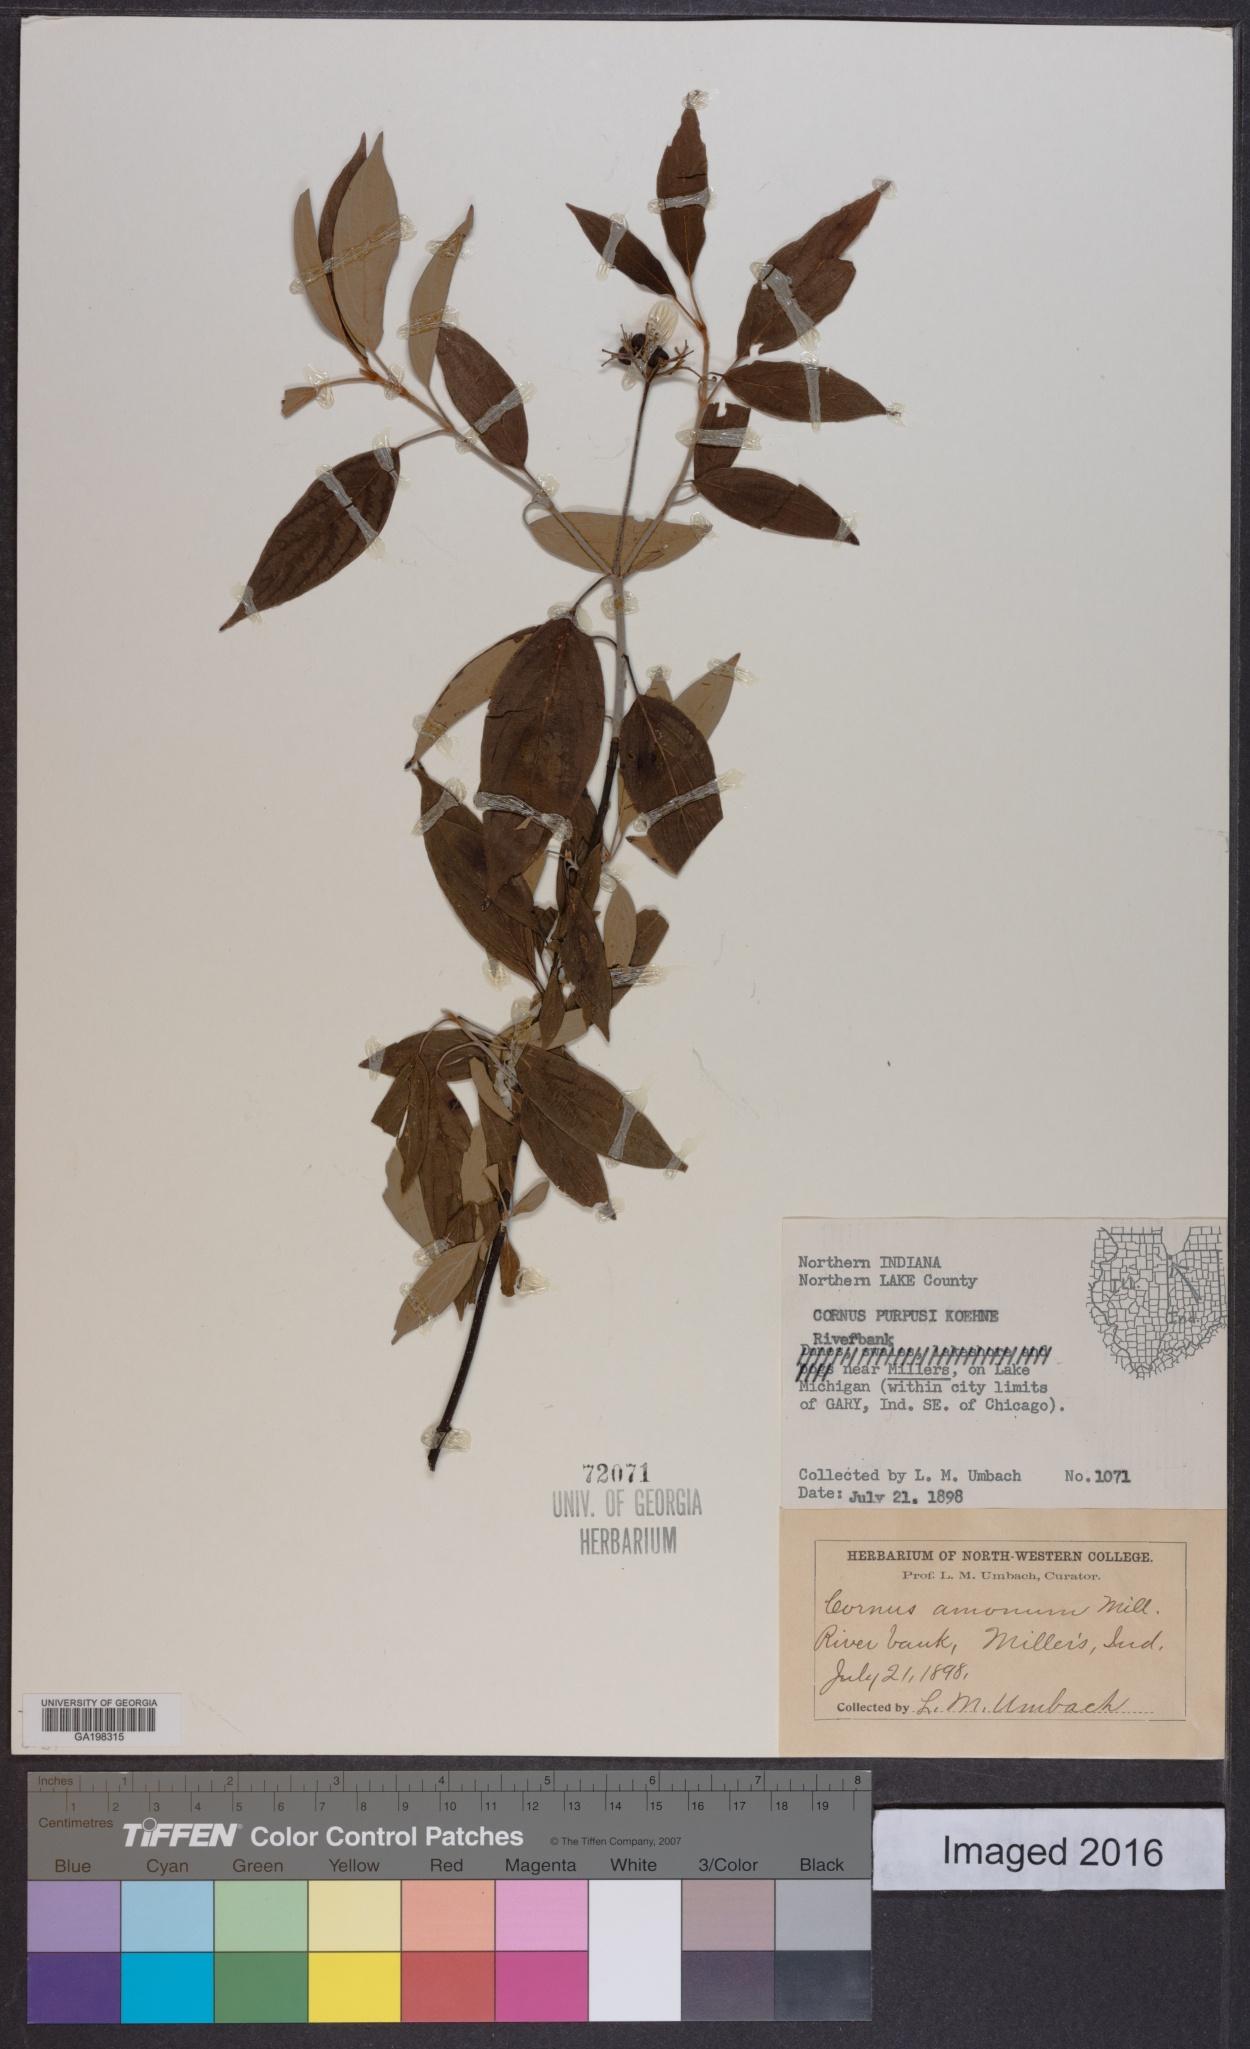 Cornus purpusii image